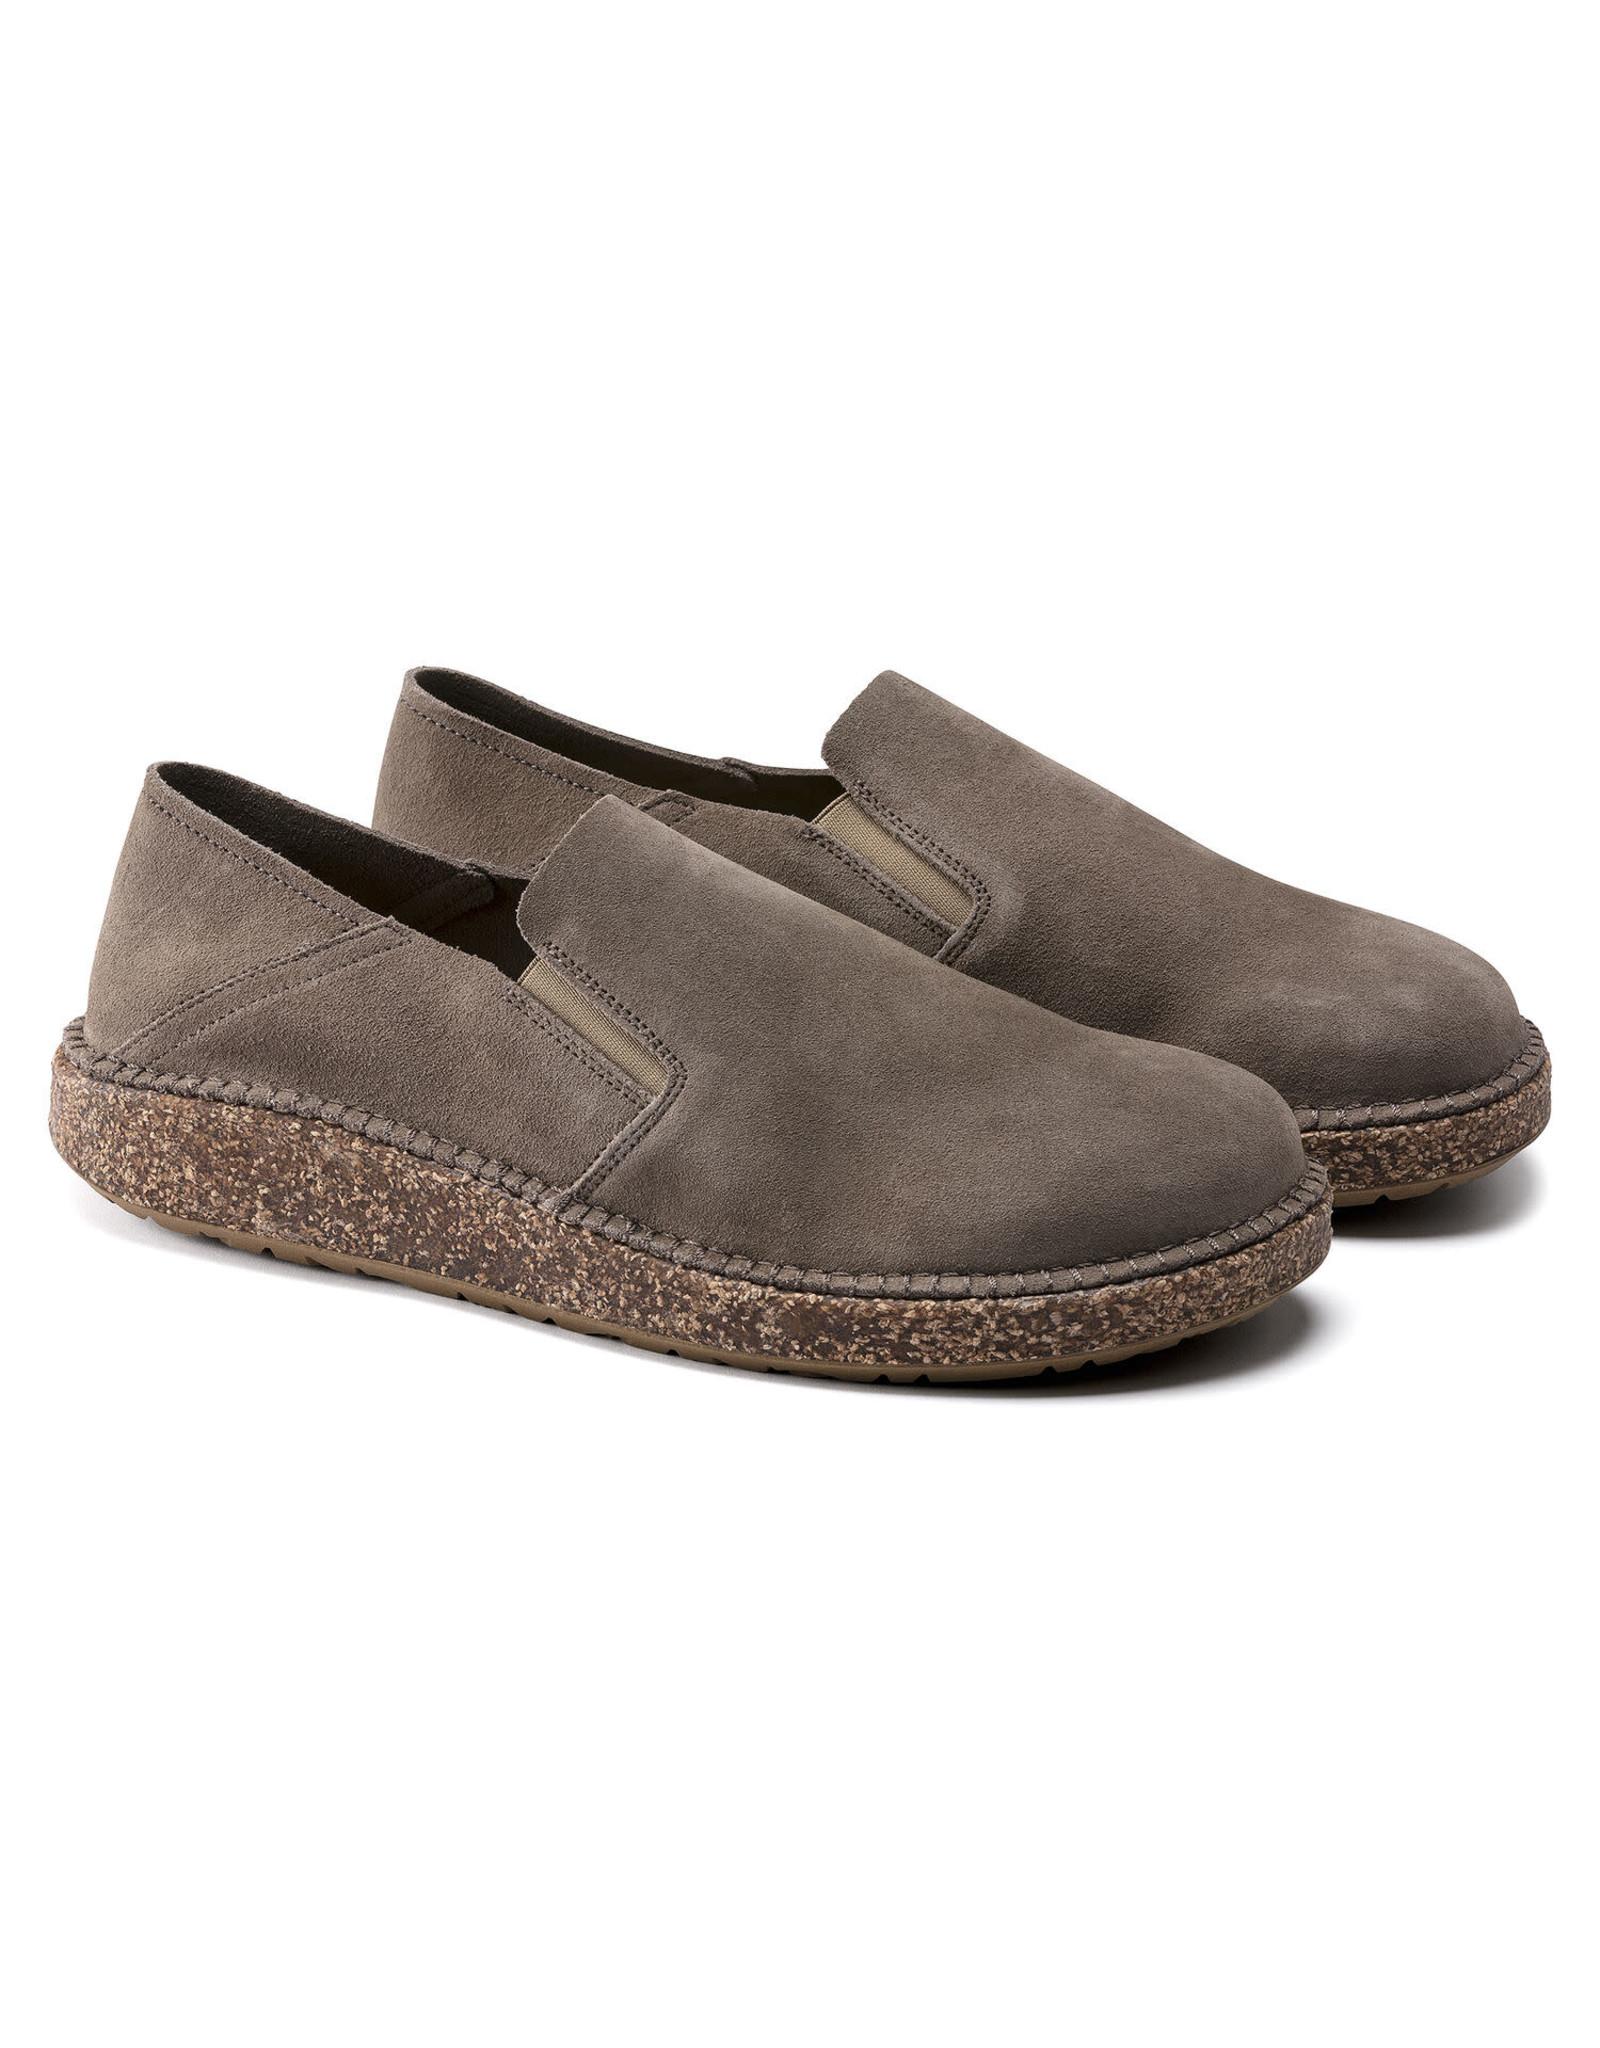 Birkenstock Callan Suede Shoe